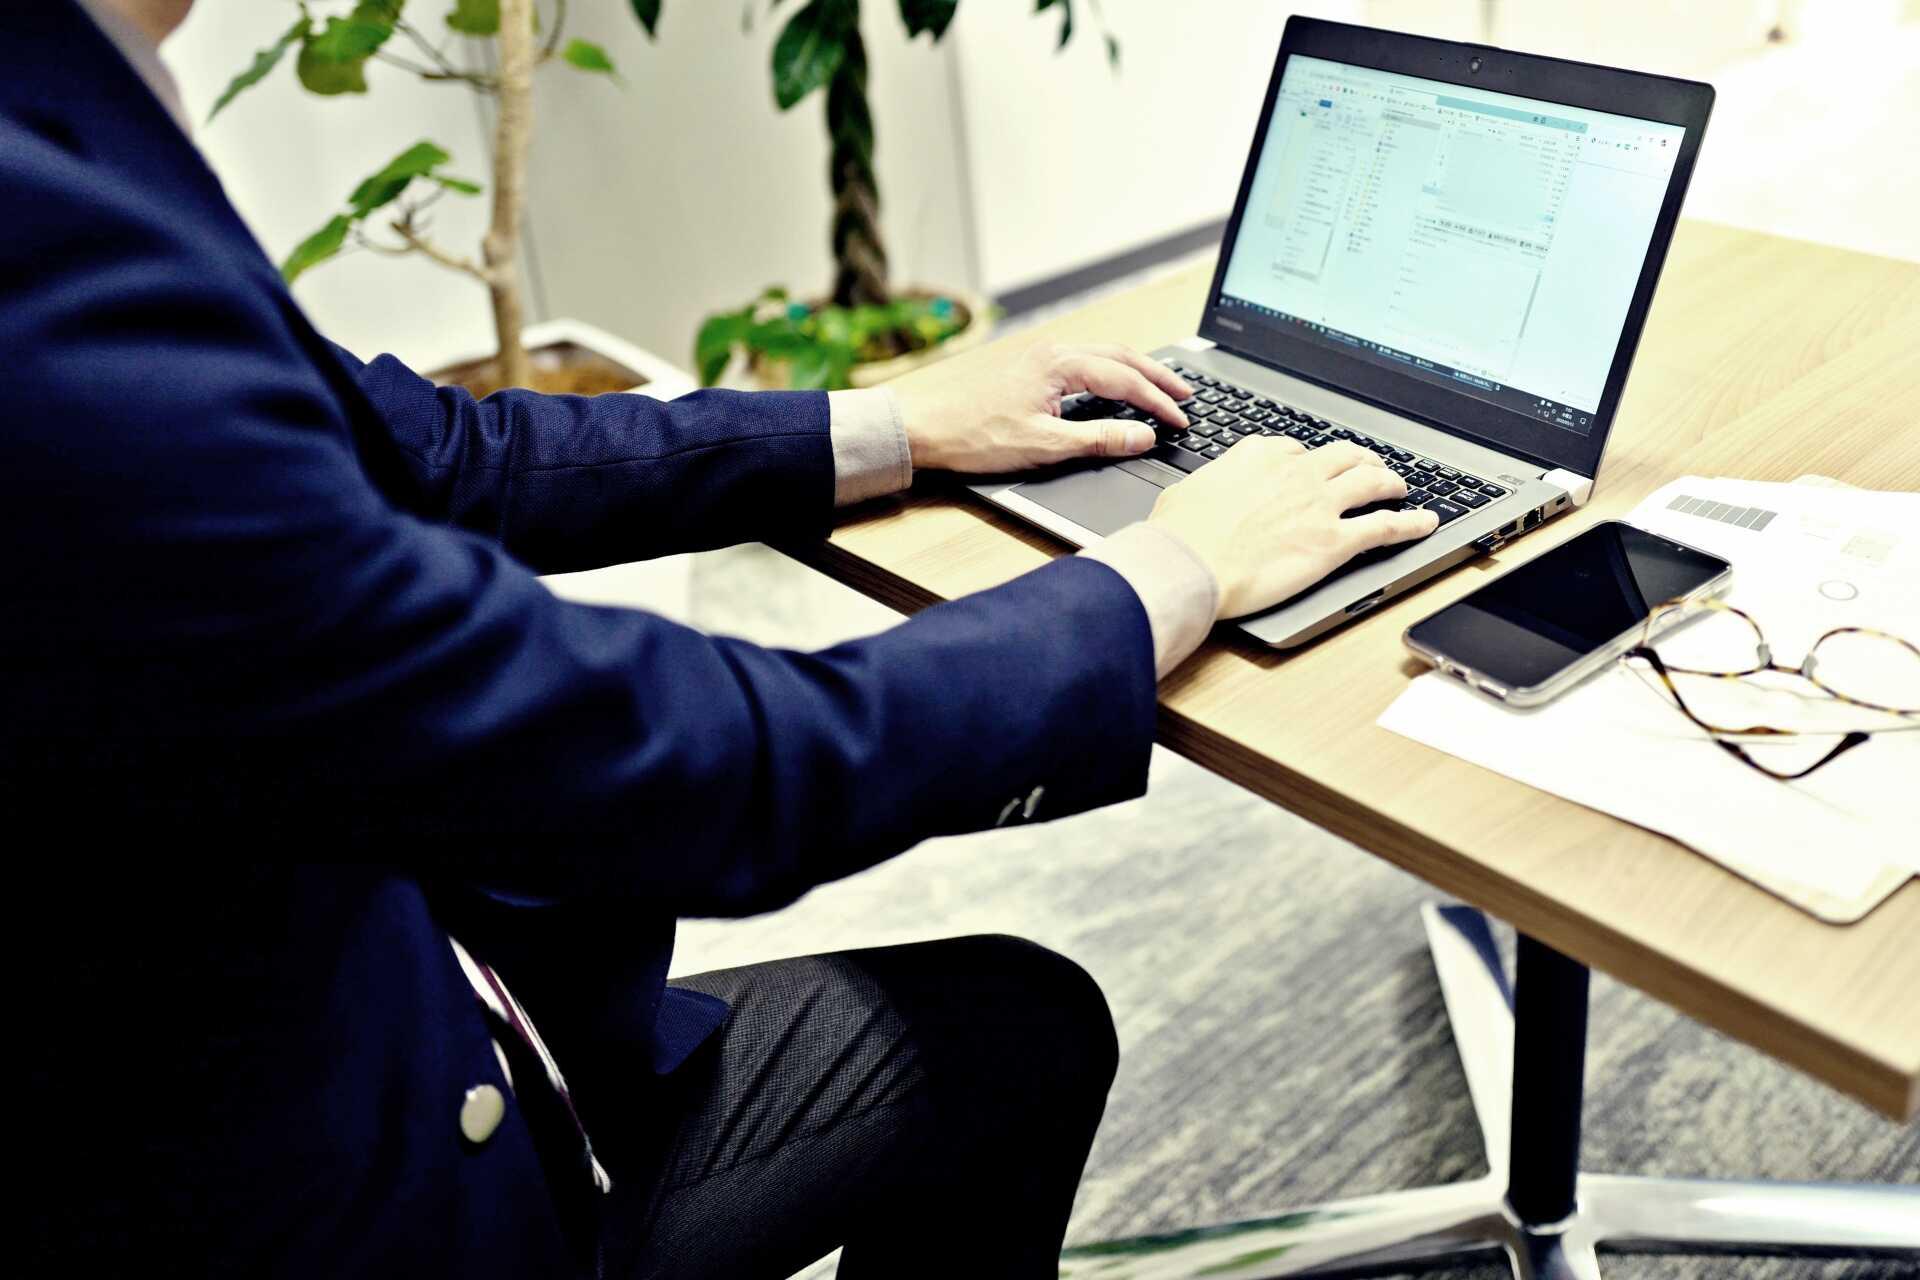 業務内容とは?職務内容や事業内容との違いを知り就活に役立てよう!